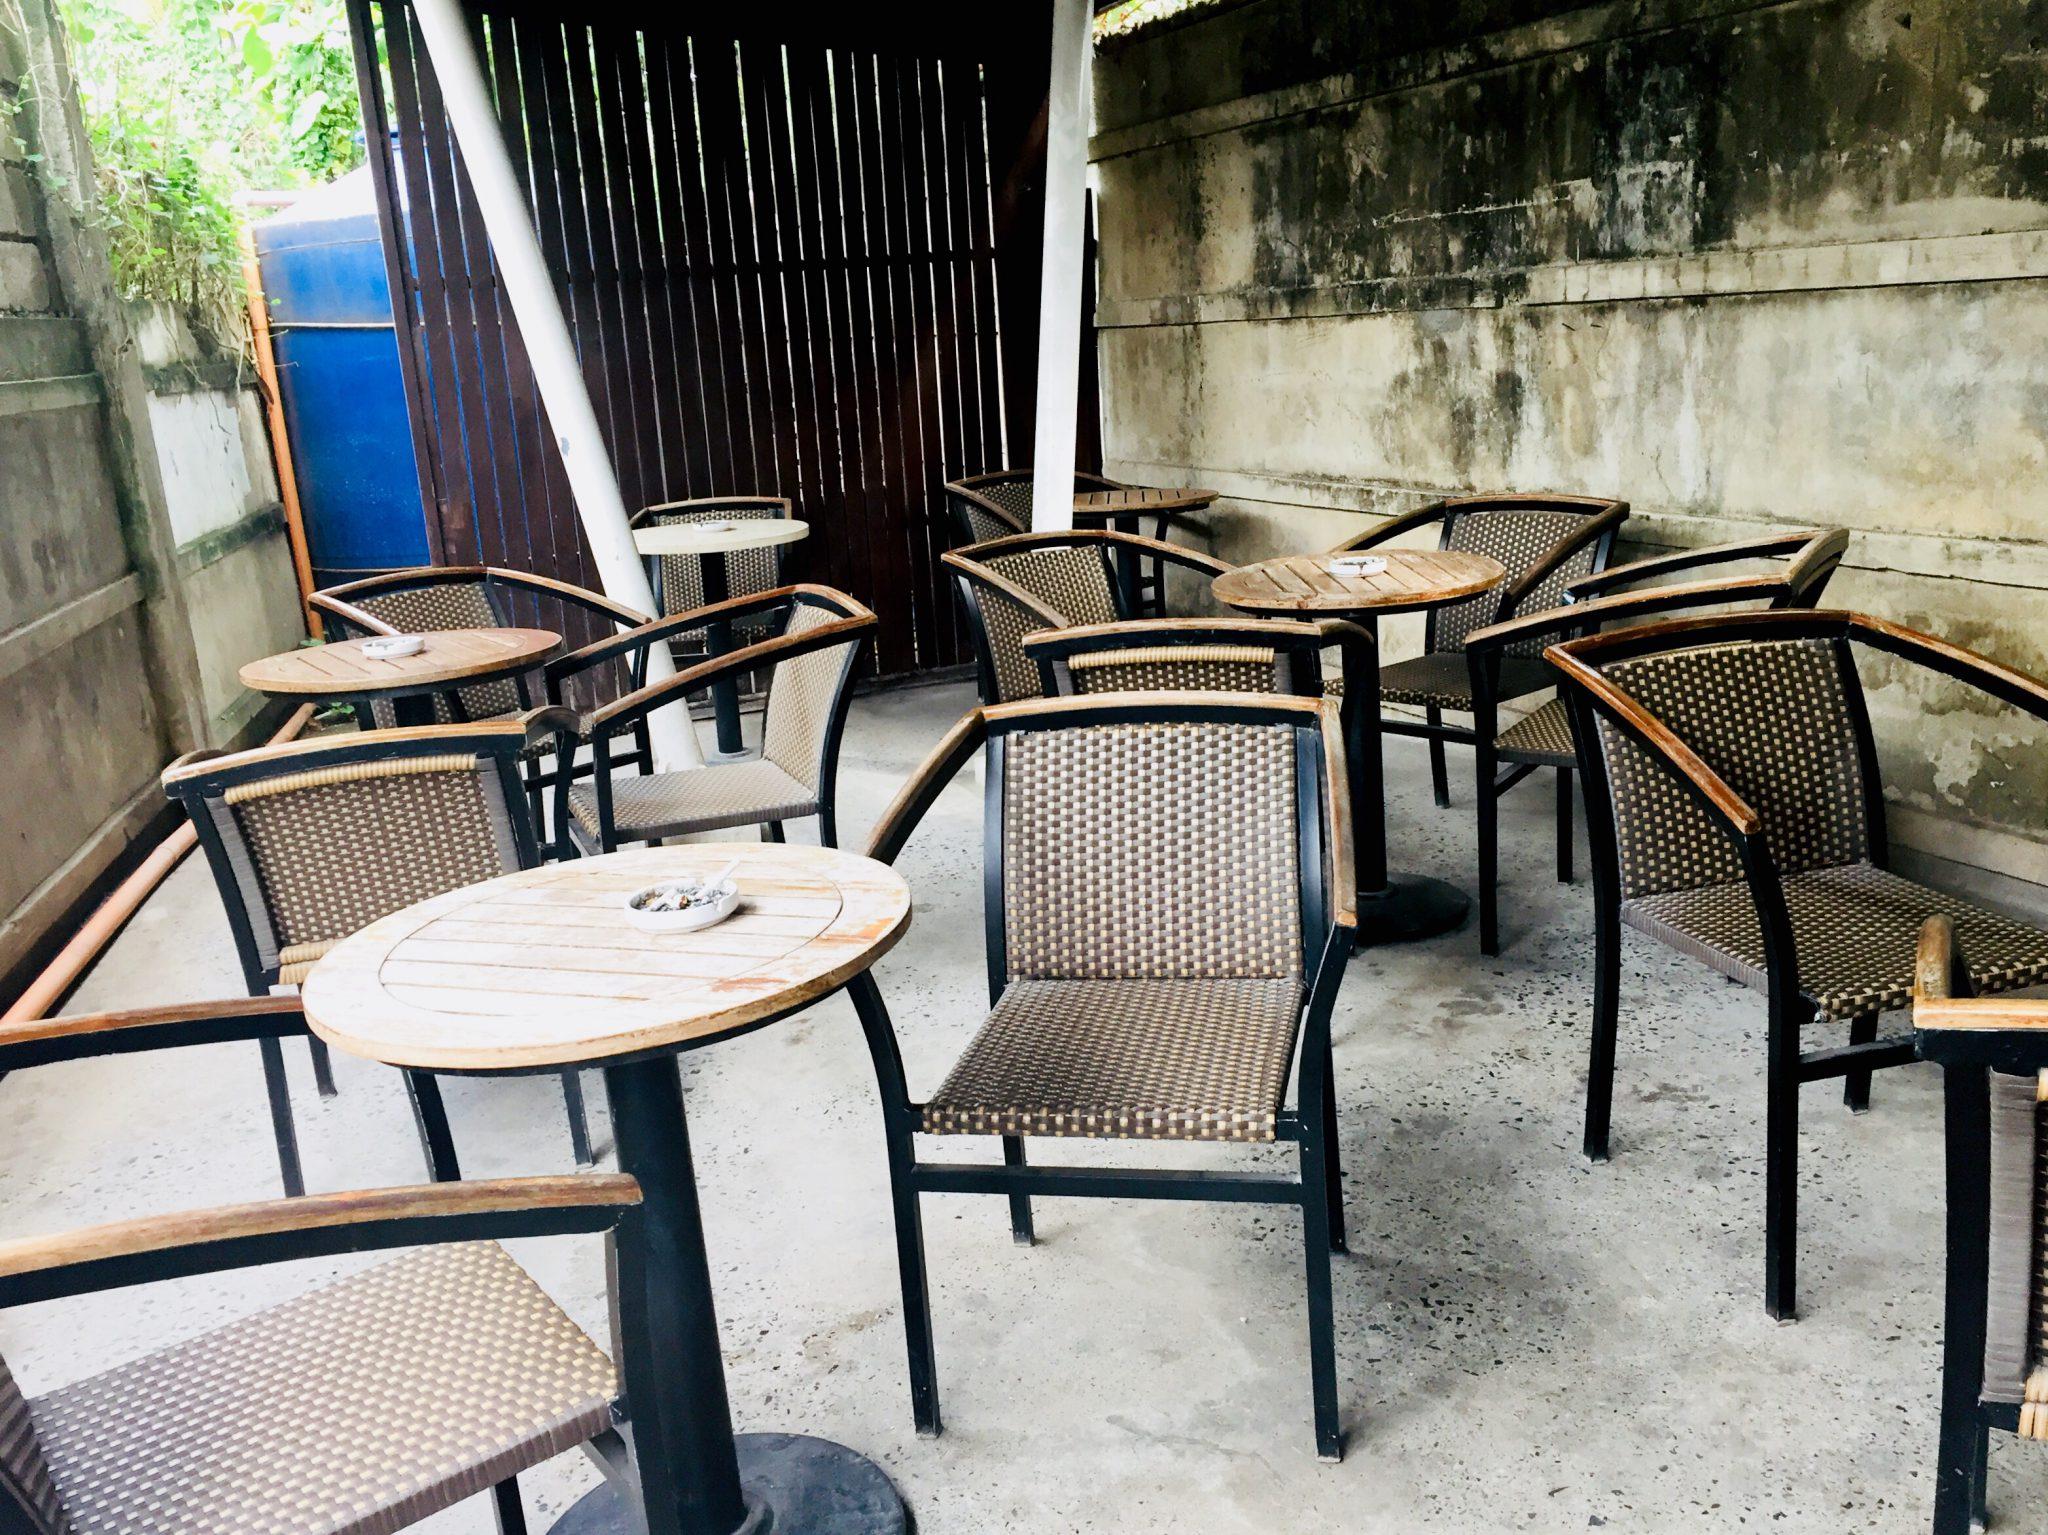 ボスコーヒー/Bo's Coffee in Maribago Lapu Lapu City、セブ島